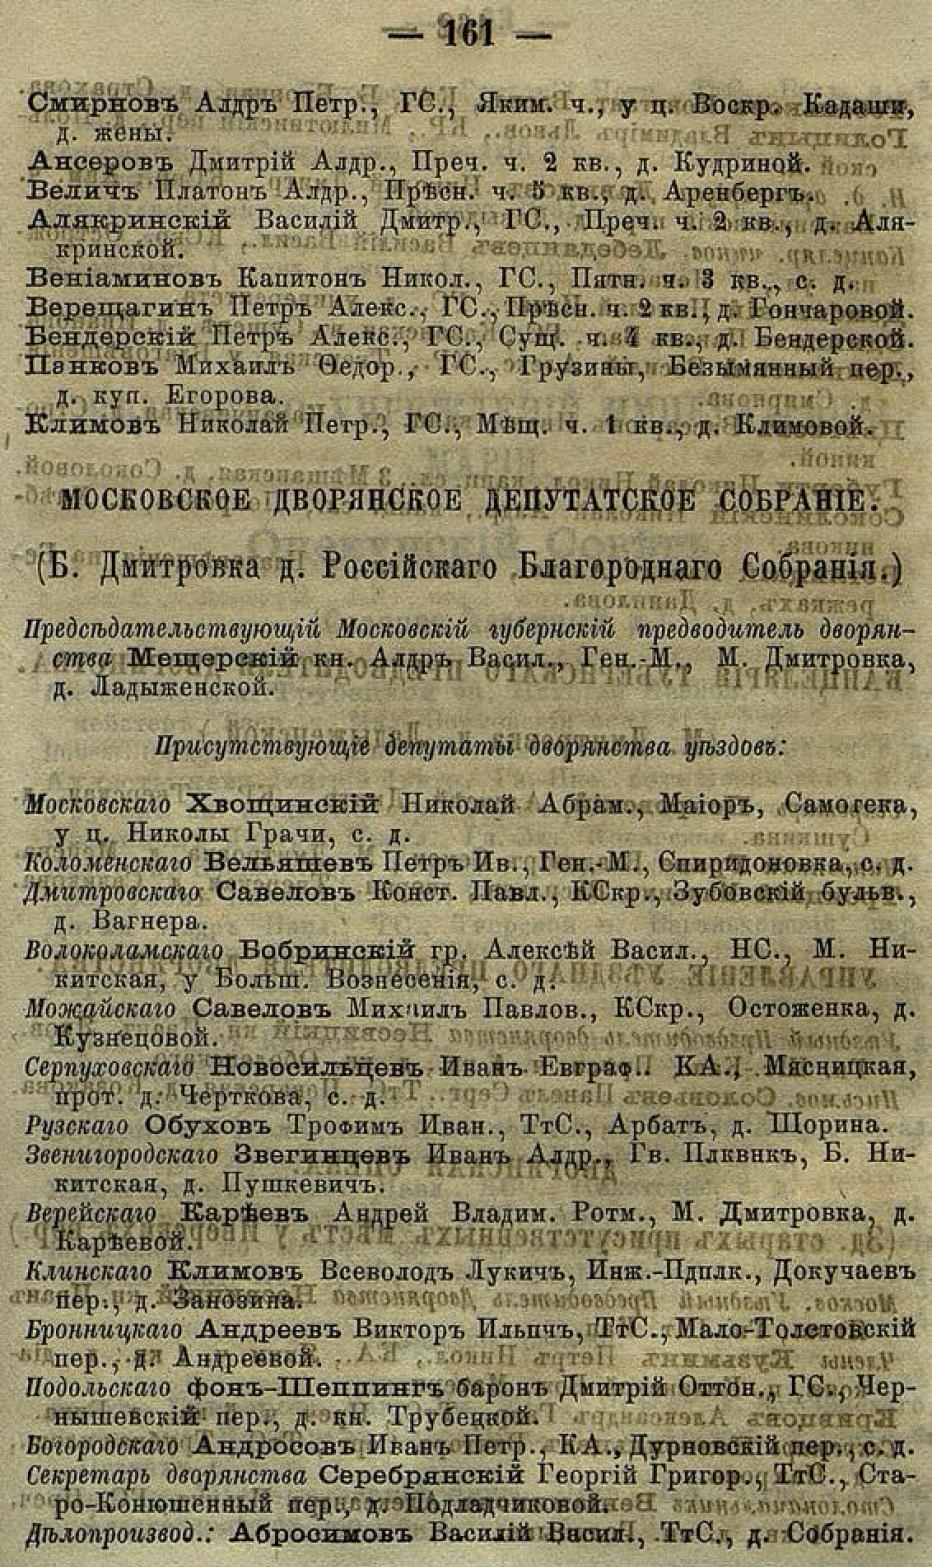 http://images.vfl.ru/ii/1406811034/789d0bb2/5858127.jpg